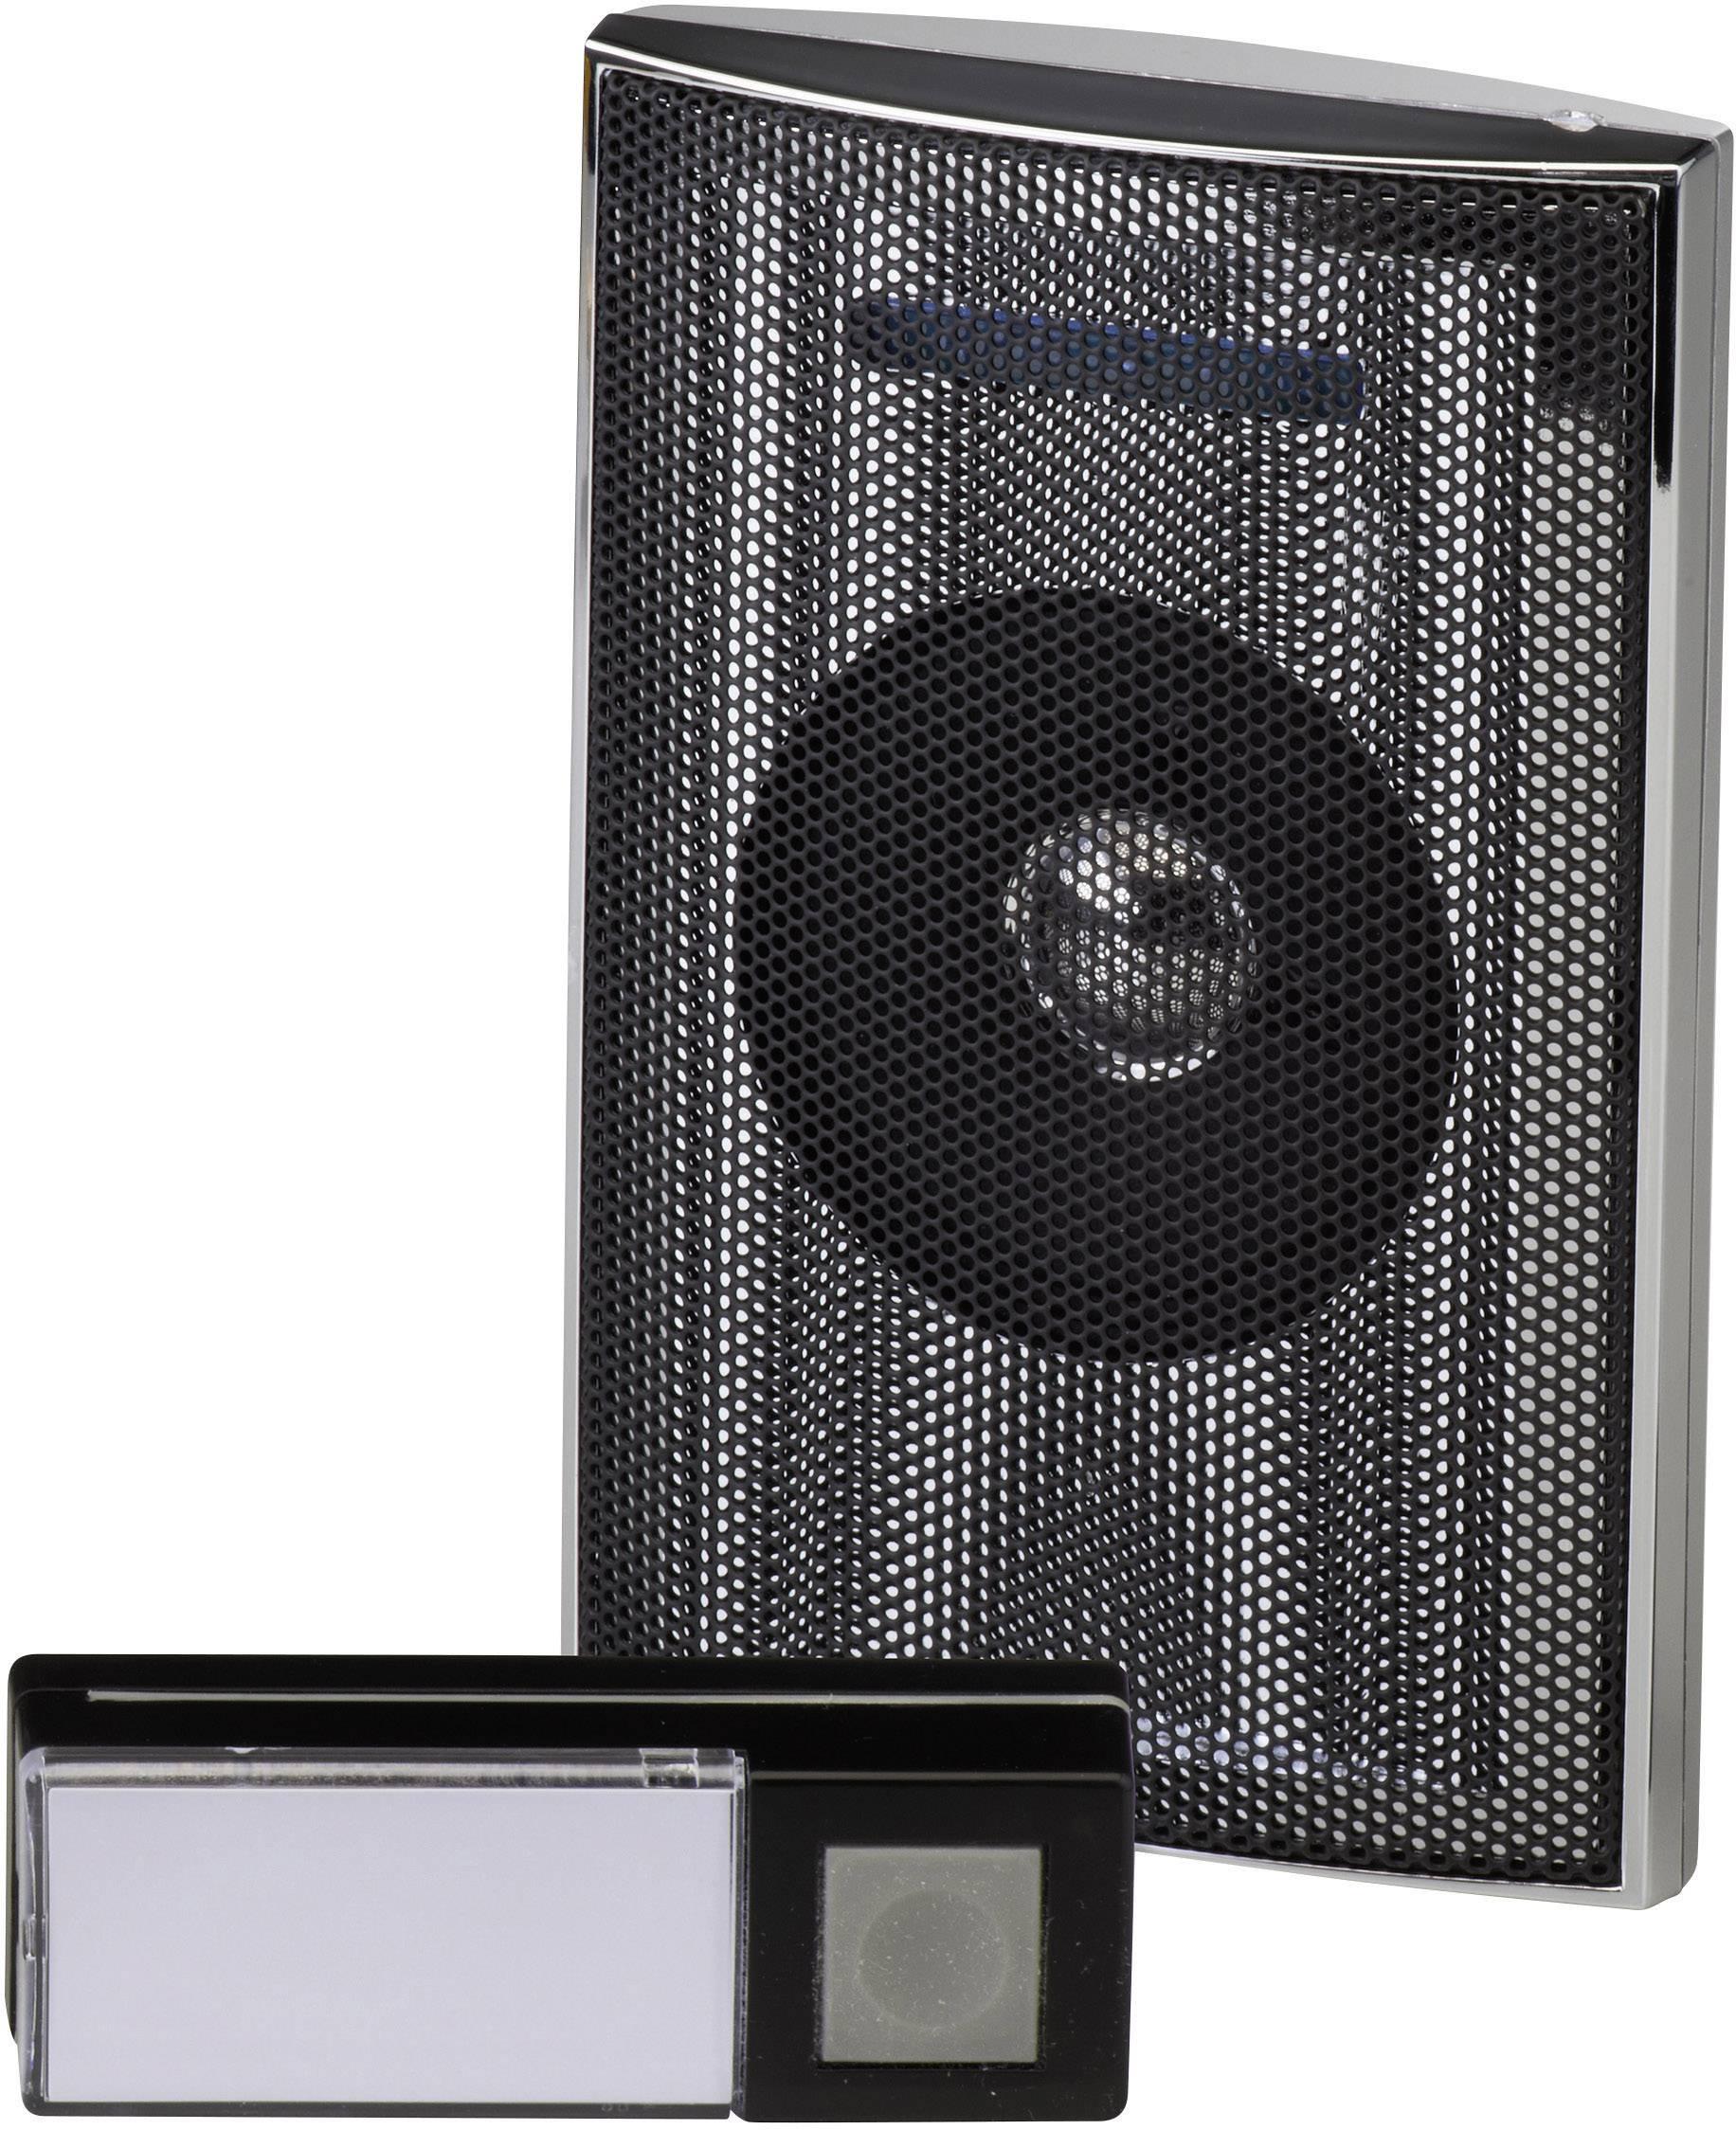 Bezdrôtový zvonček Heidemann HX Music Box 70846, kompletná sada, max. dosah 200 m, strieborná, čierna, antracitová